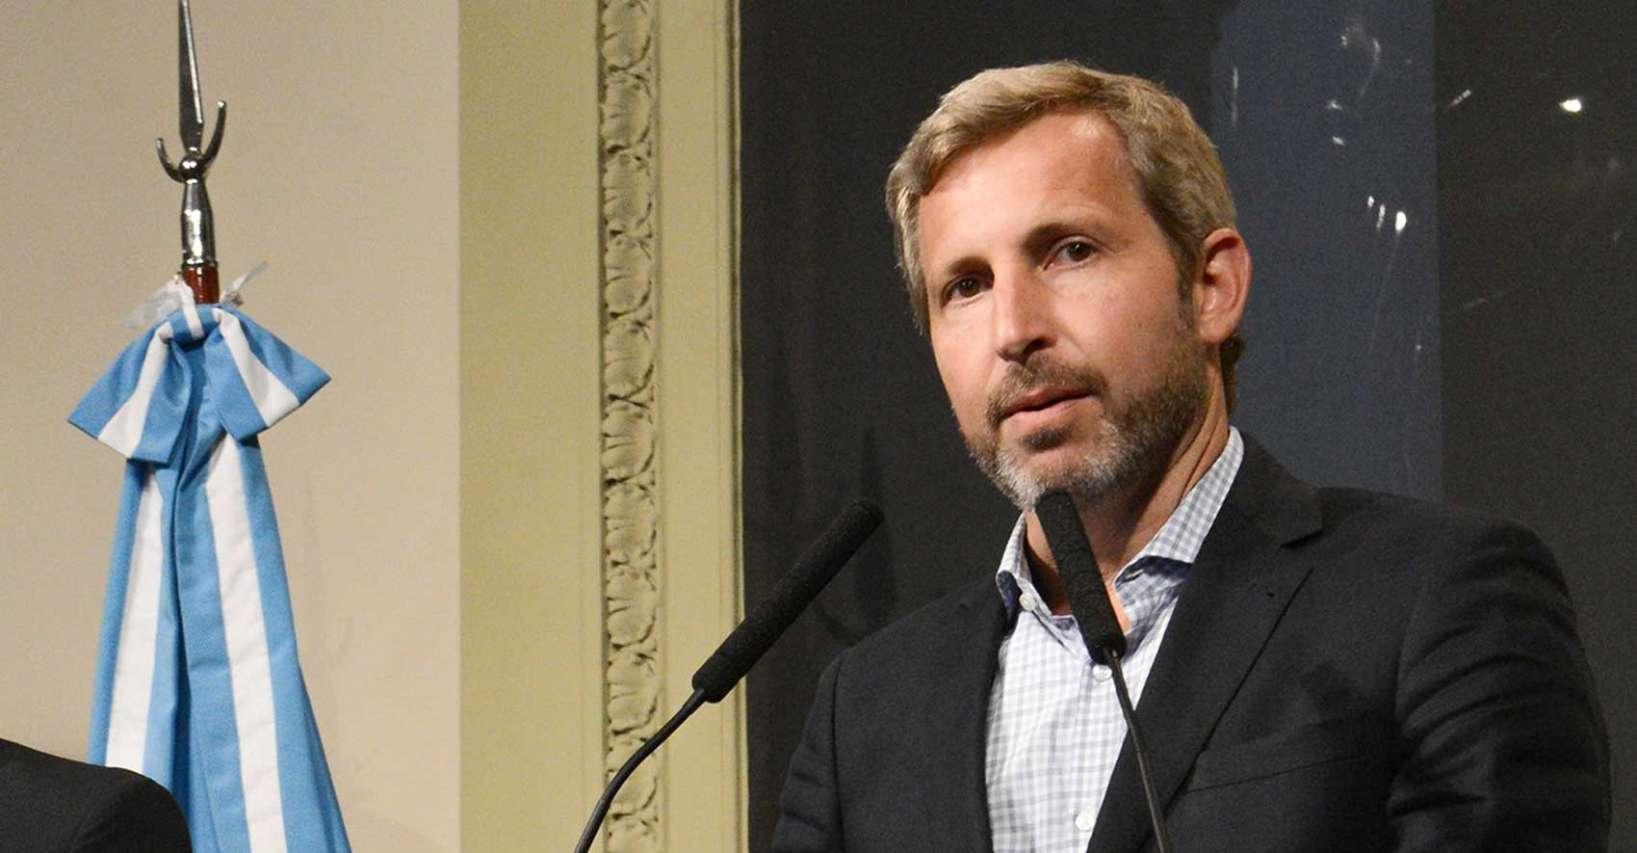 El correo argentino neg irregularidades en el escrutinio Ministerio del interior escrutinio